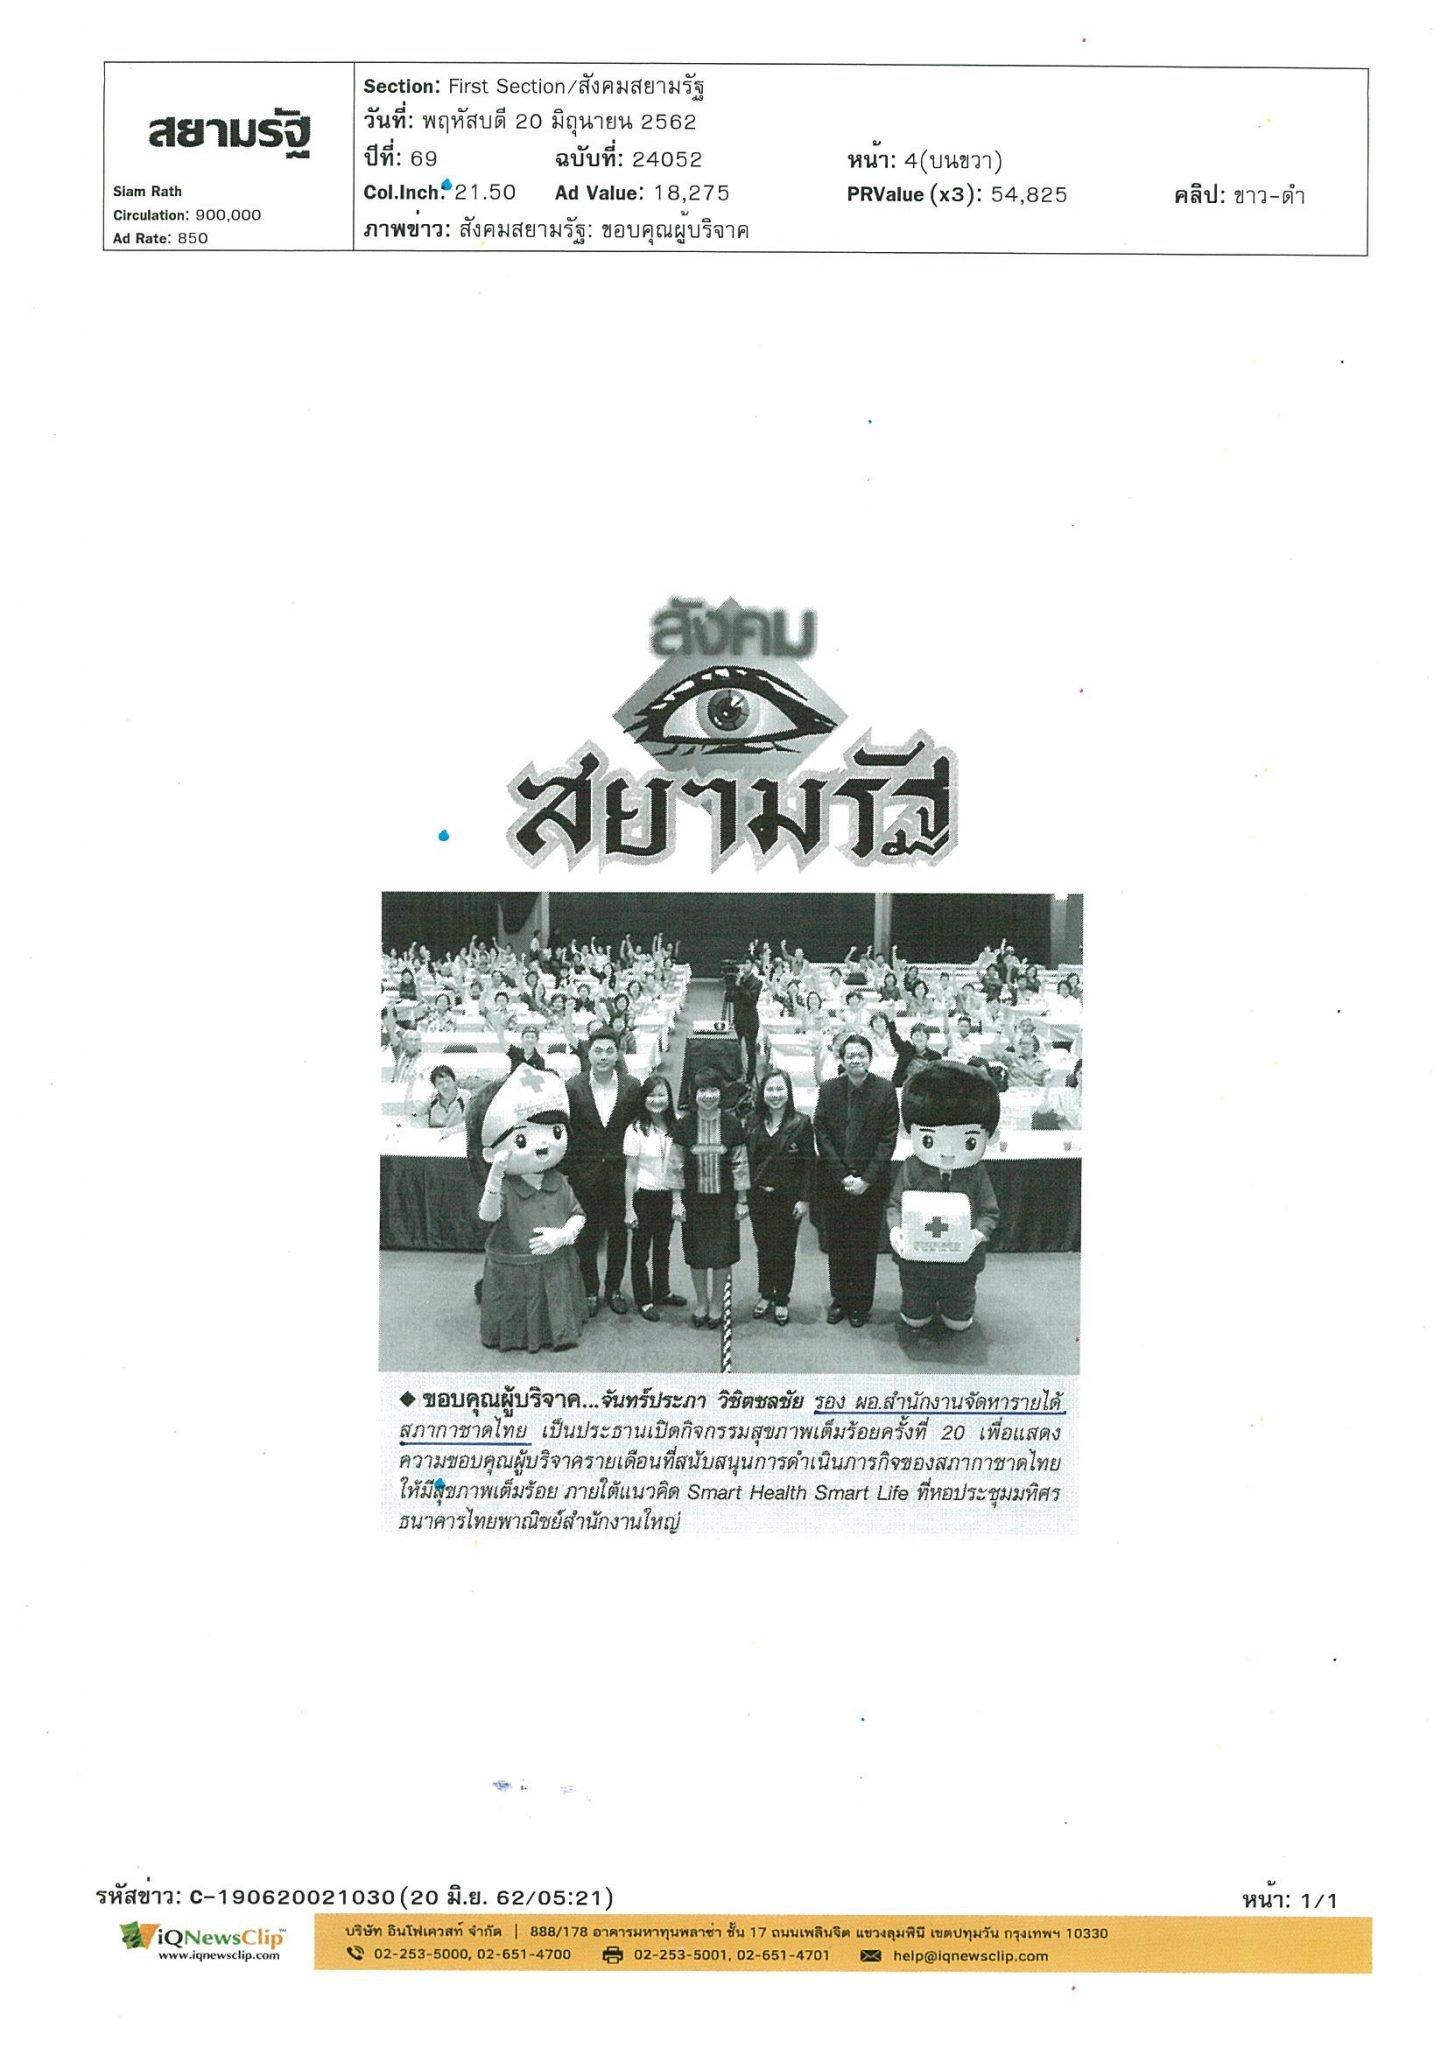 กิจกรรมขอบคุณผู้บริจาคที่สนับสนุนภารกิจของสภากาชาดไทย